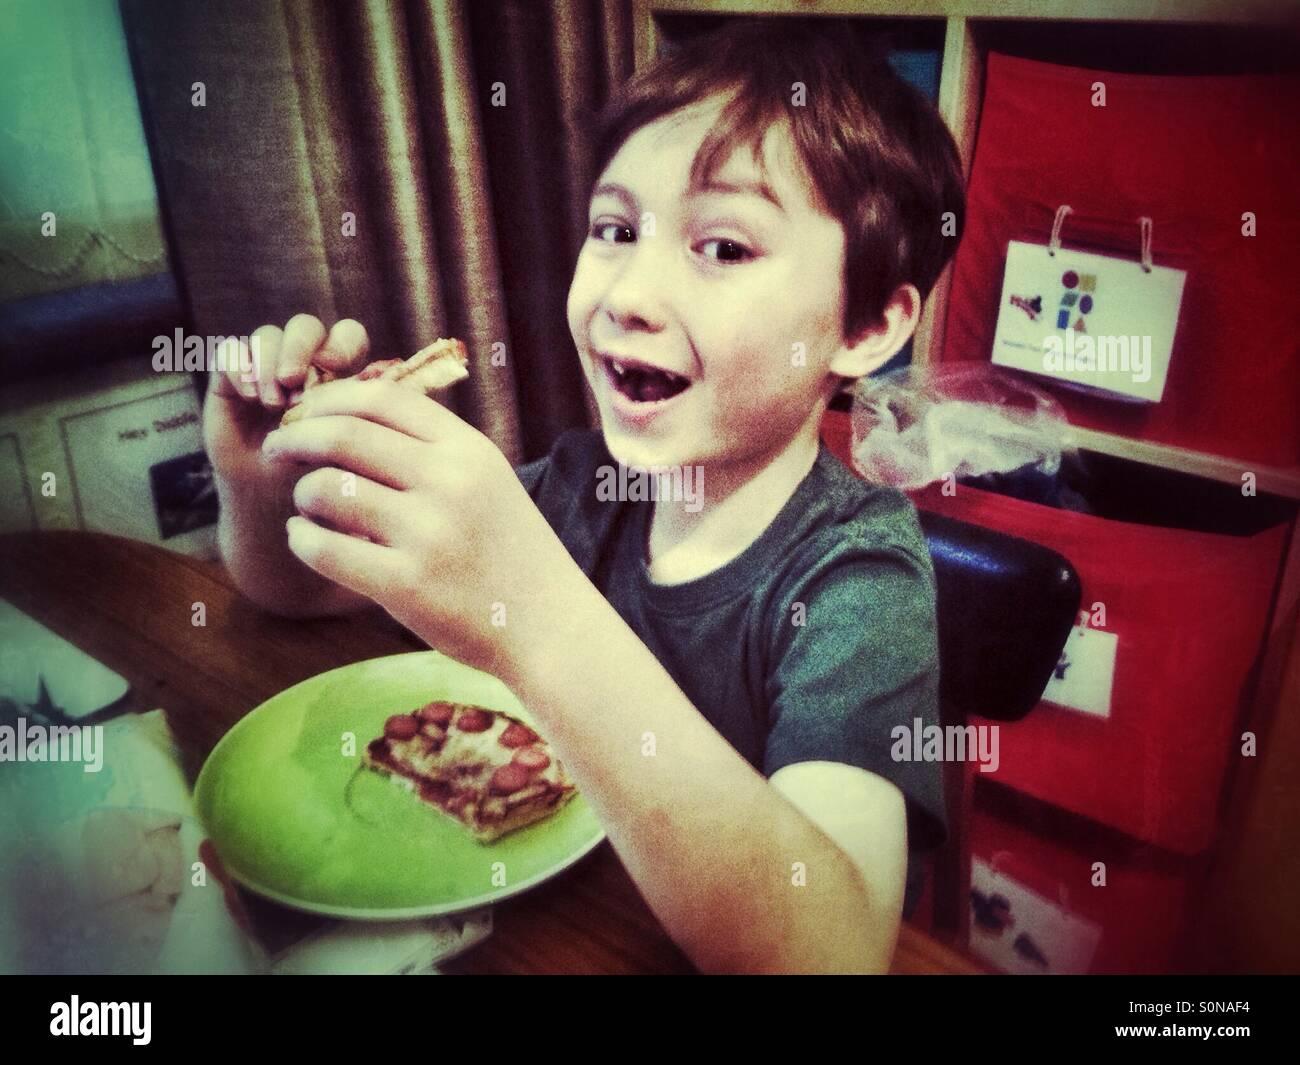 Ragazzo giovane mangiare toast. Immagini Stock